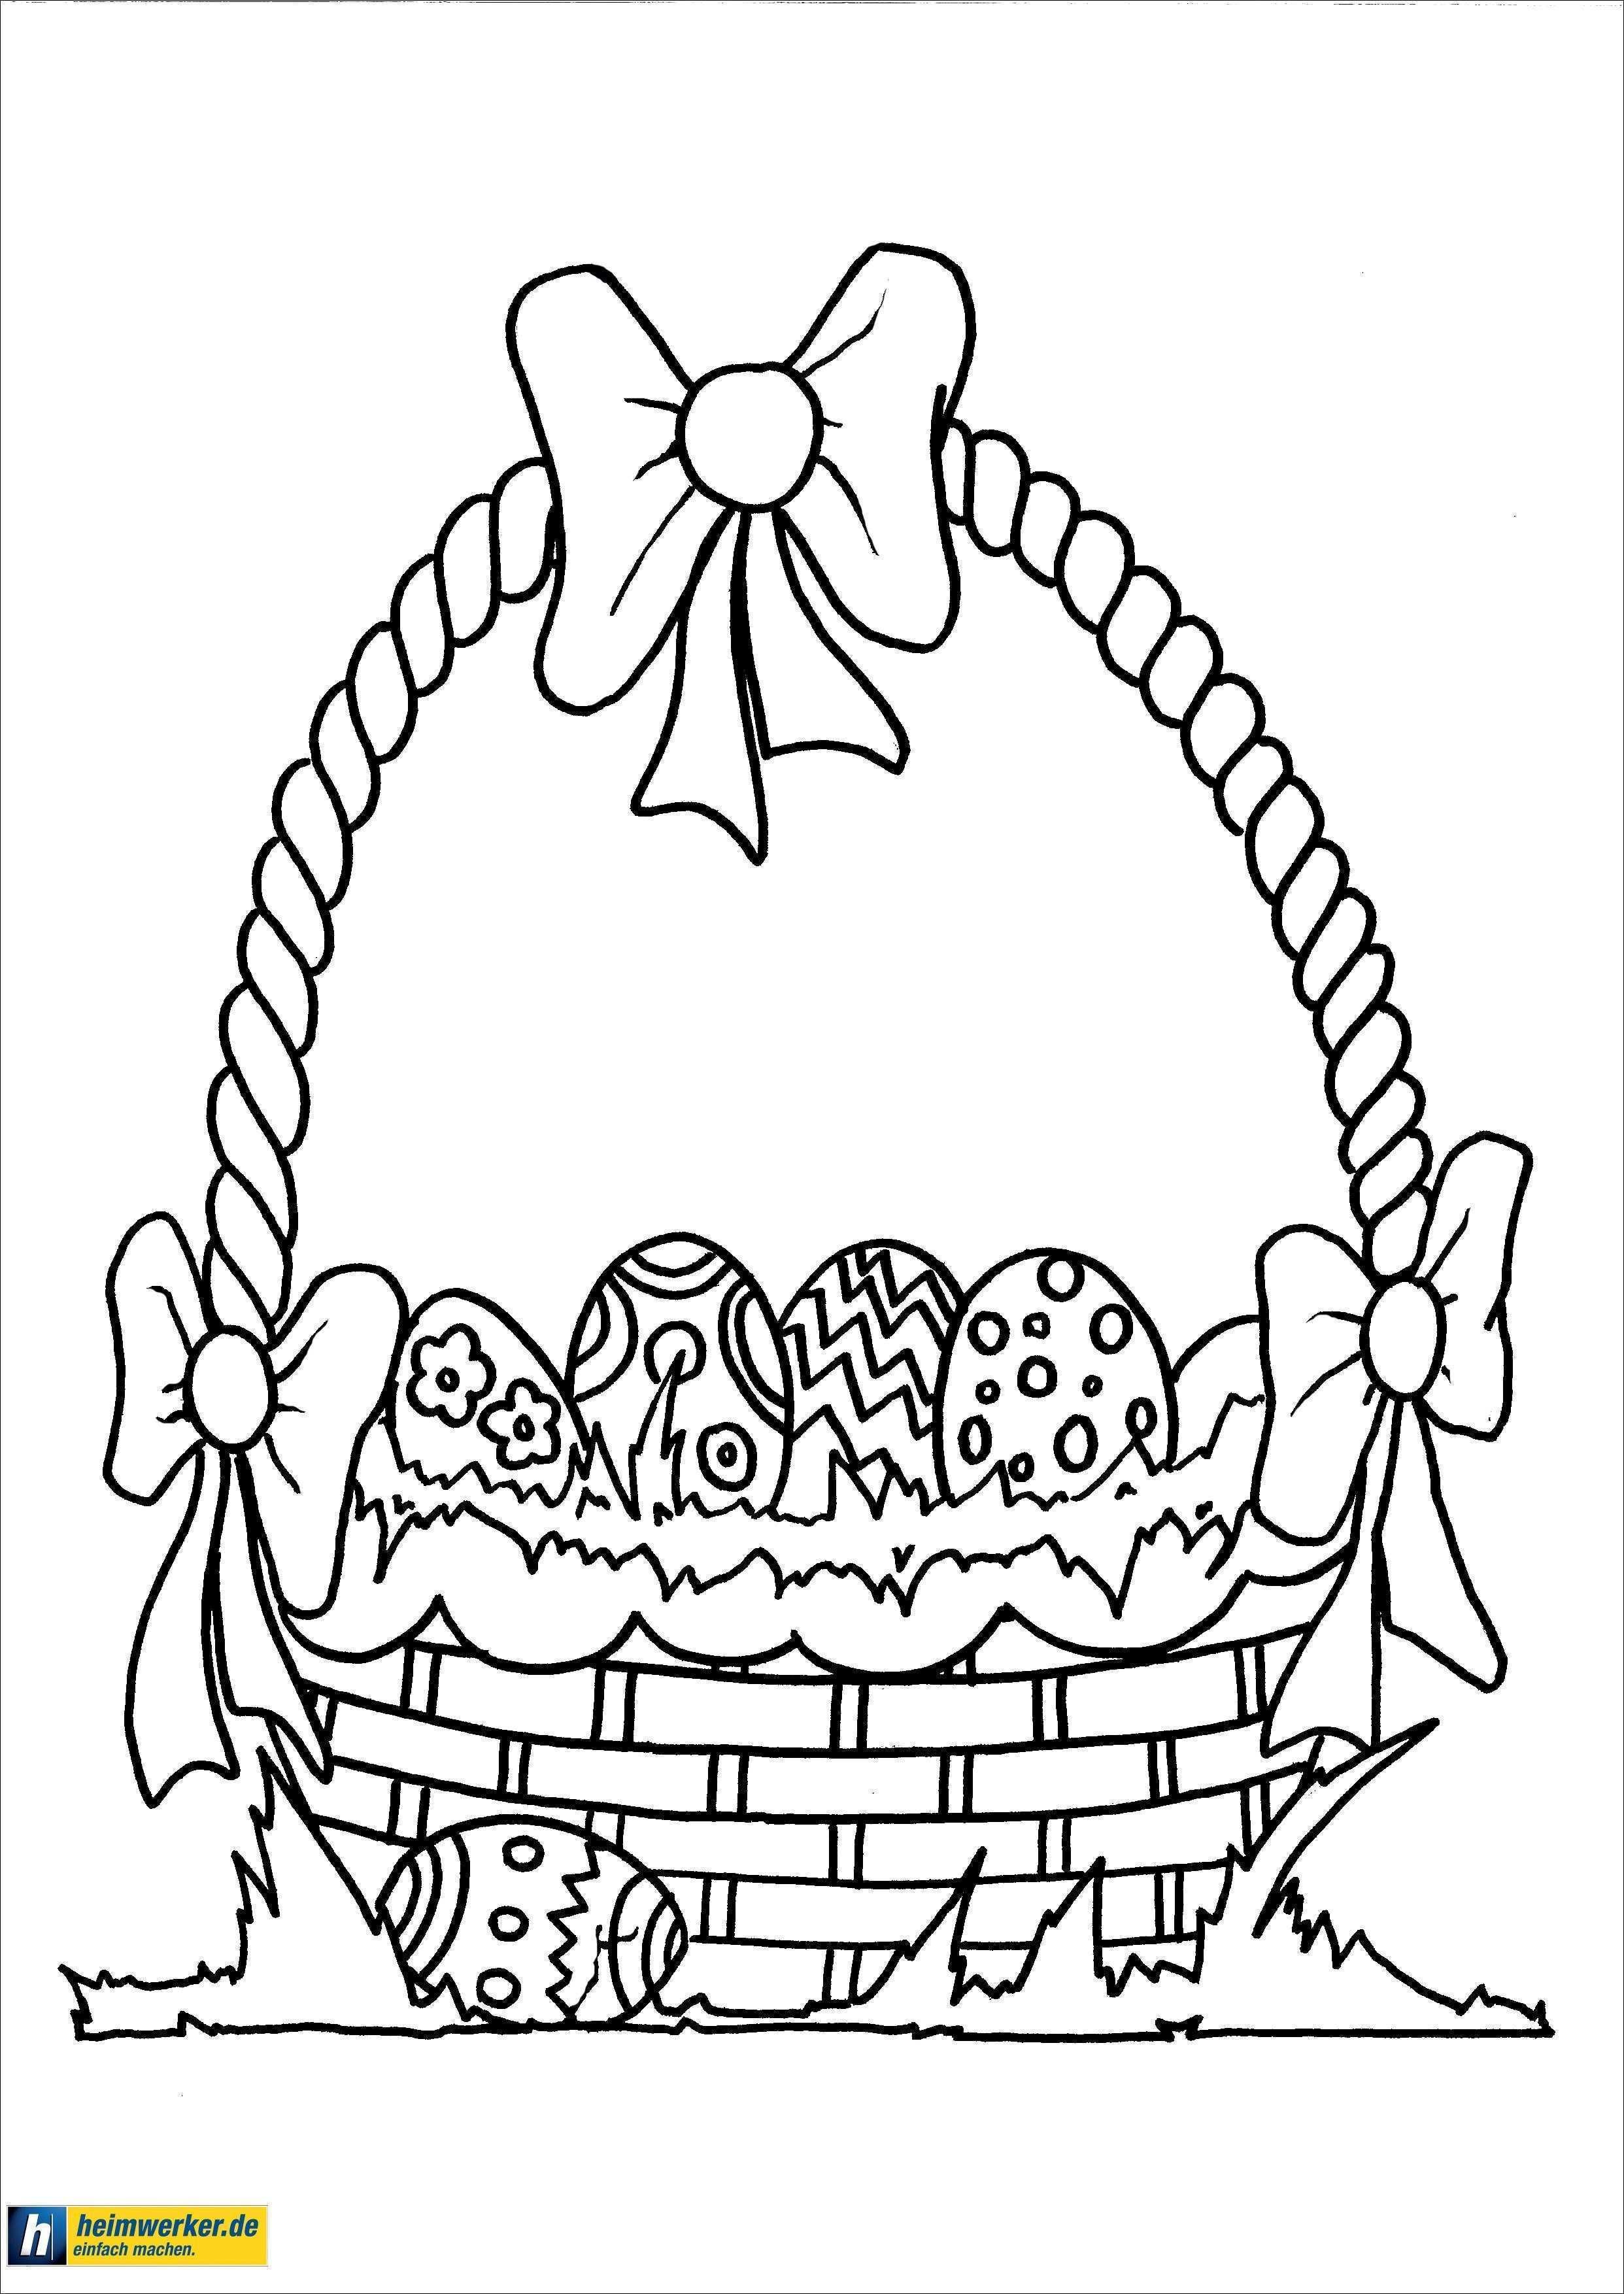 Hogwarts Wappen Zum Ausmalen Das Beste Von Harry Potter Ausmalbilder Wappen Bildnis – Ausmalbilder Ideen Das Bild